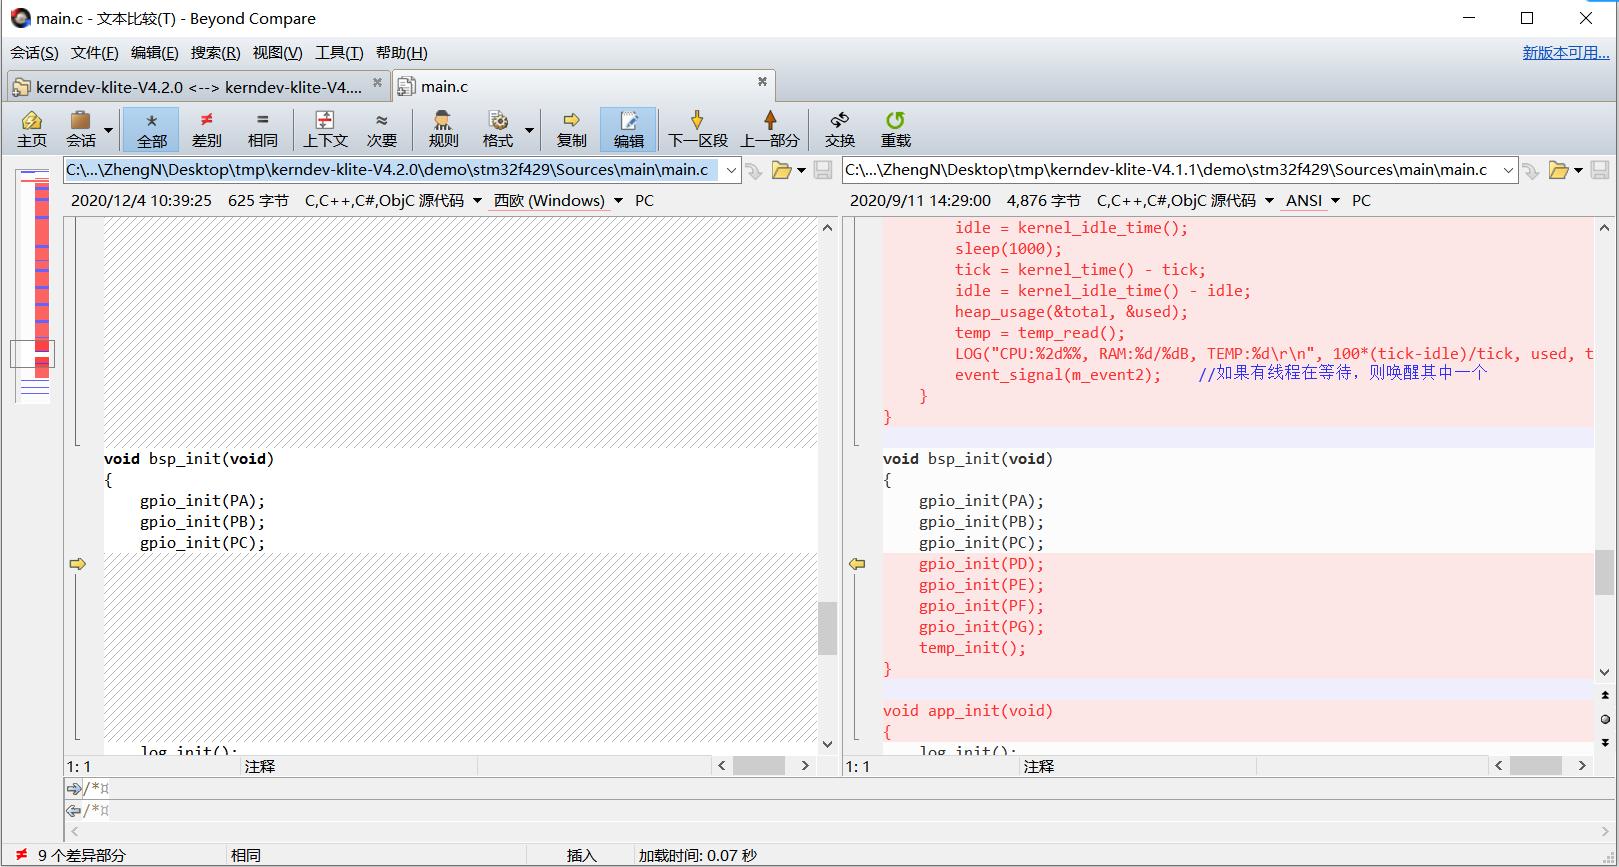 哪款代码对比工具比较好用?